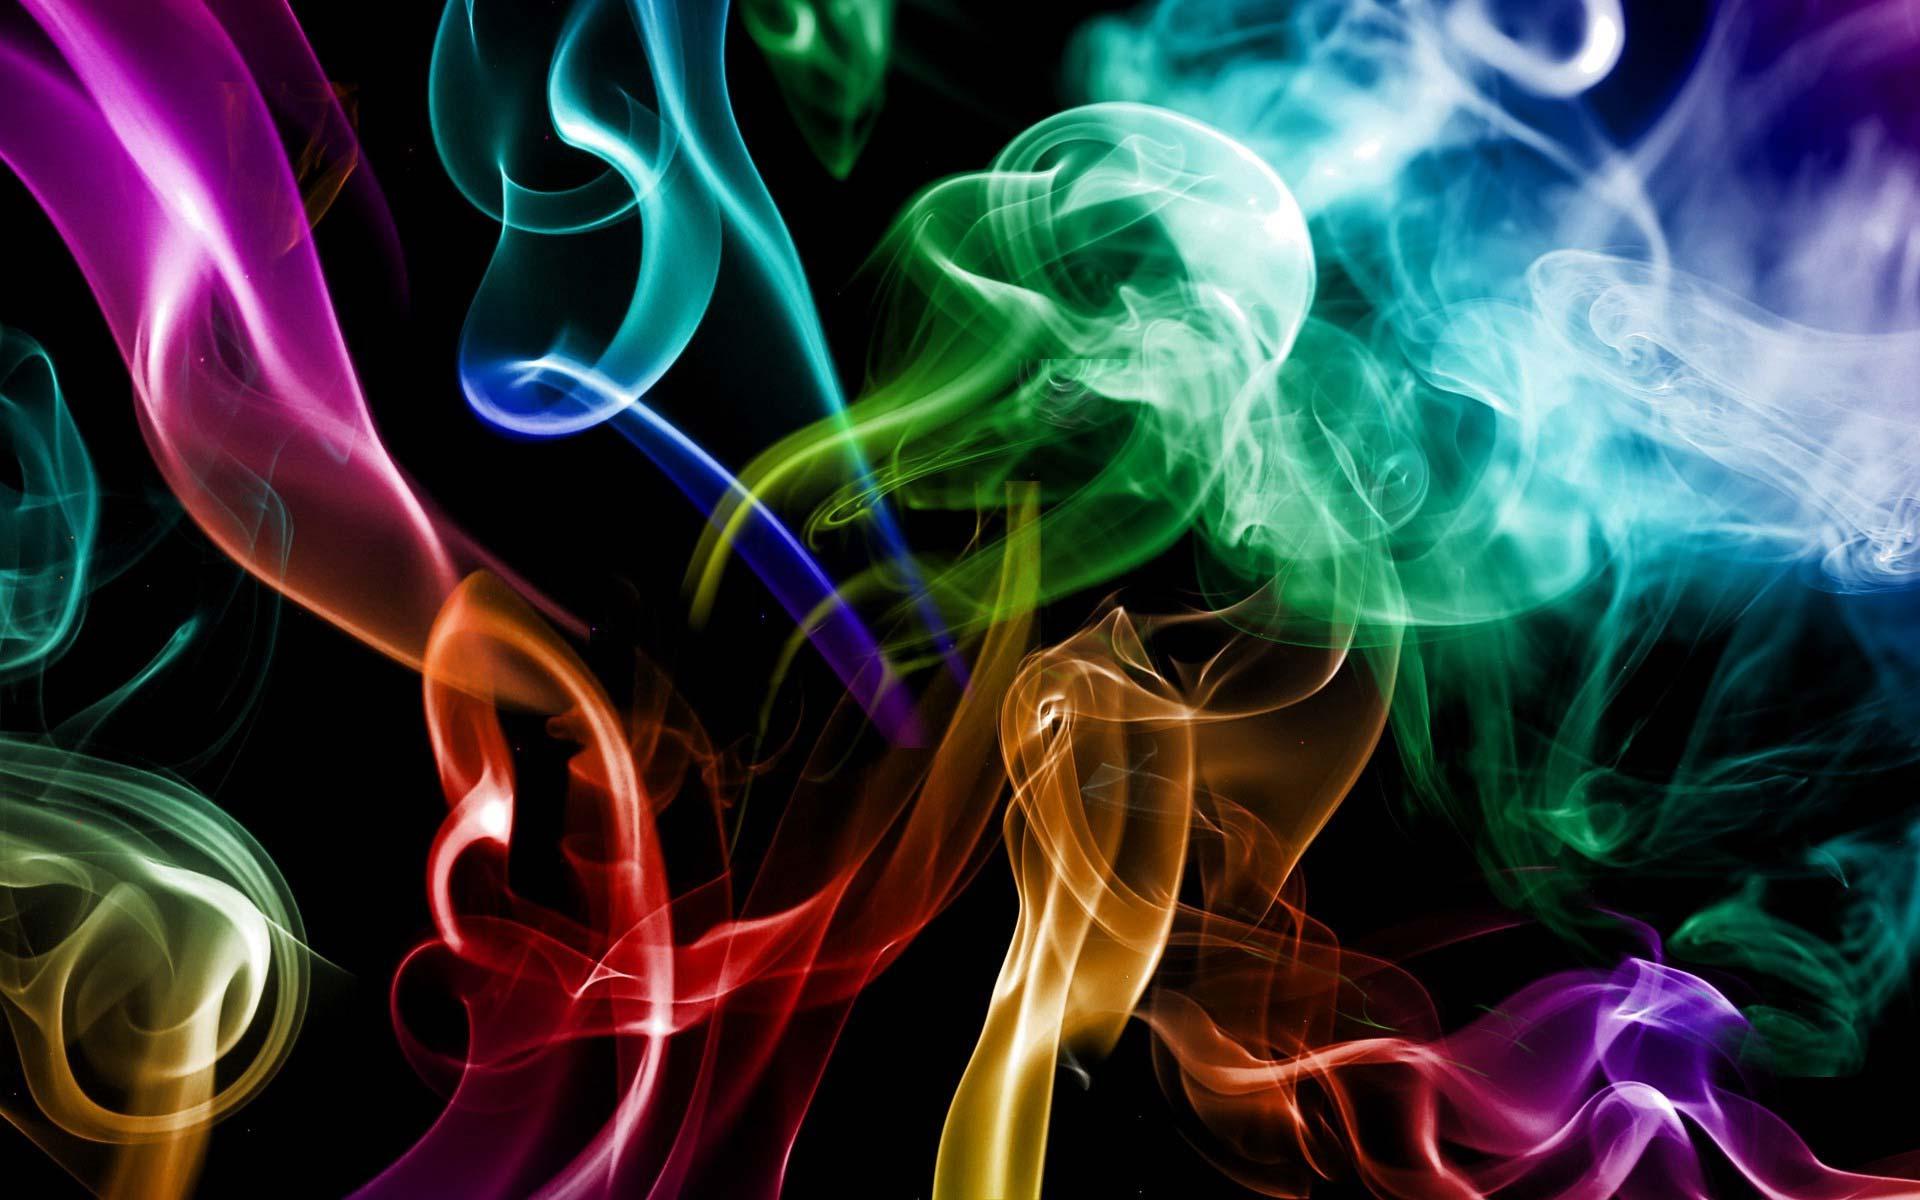 Цветной Дым Обои На Рабочий Стол